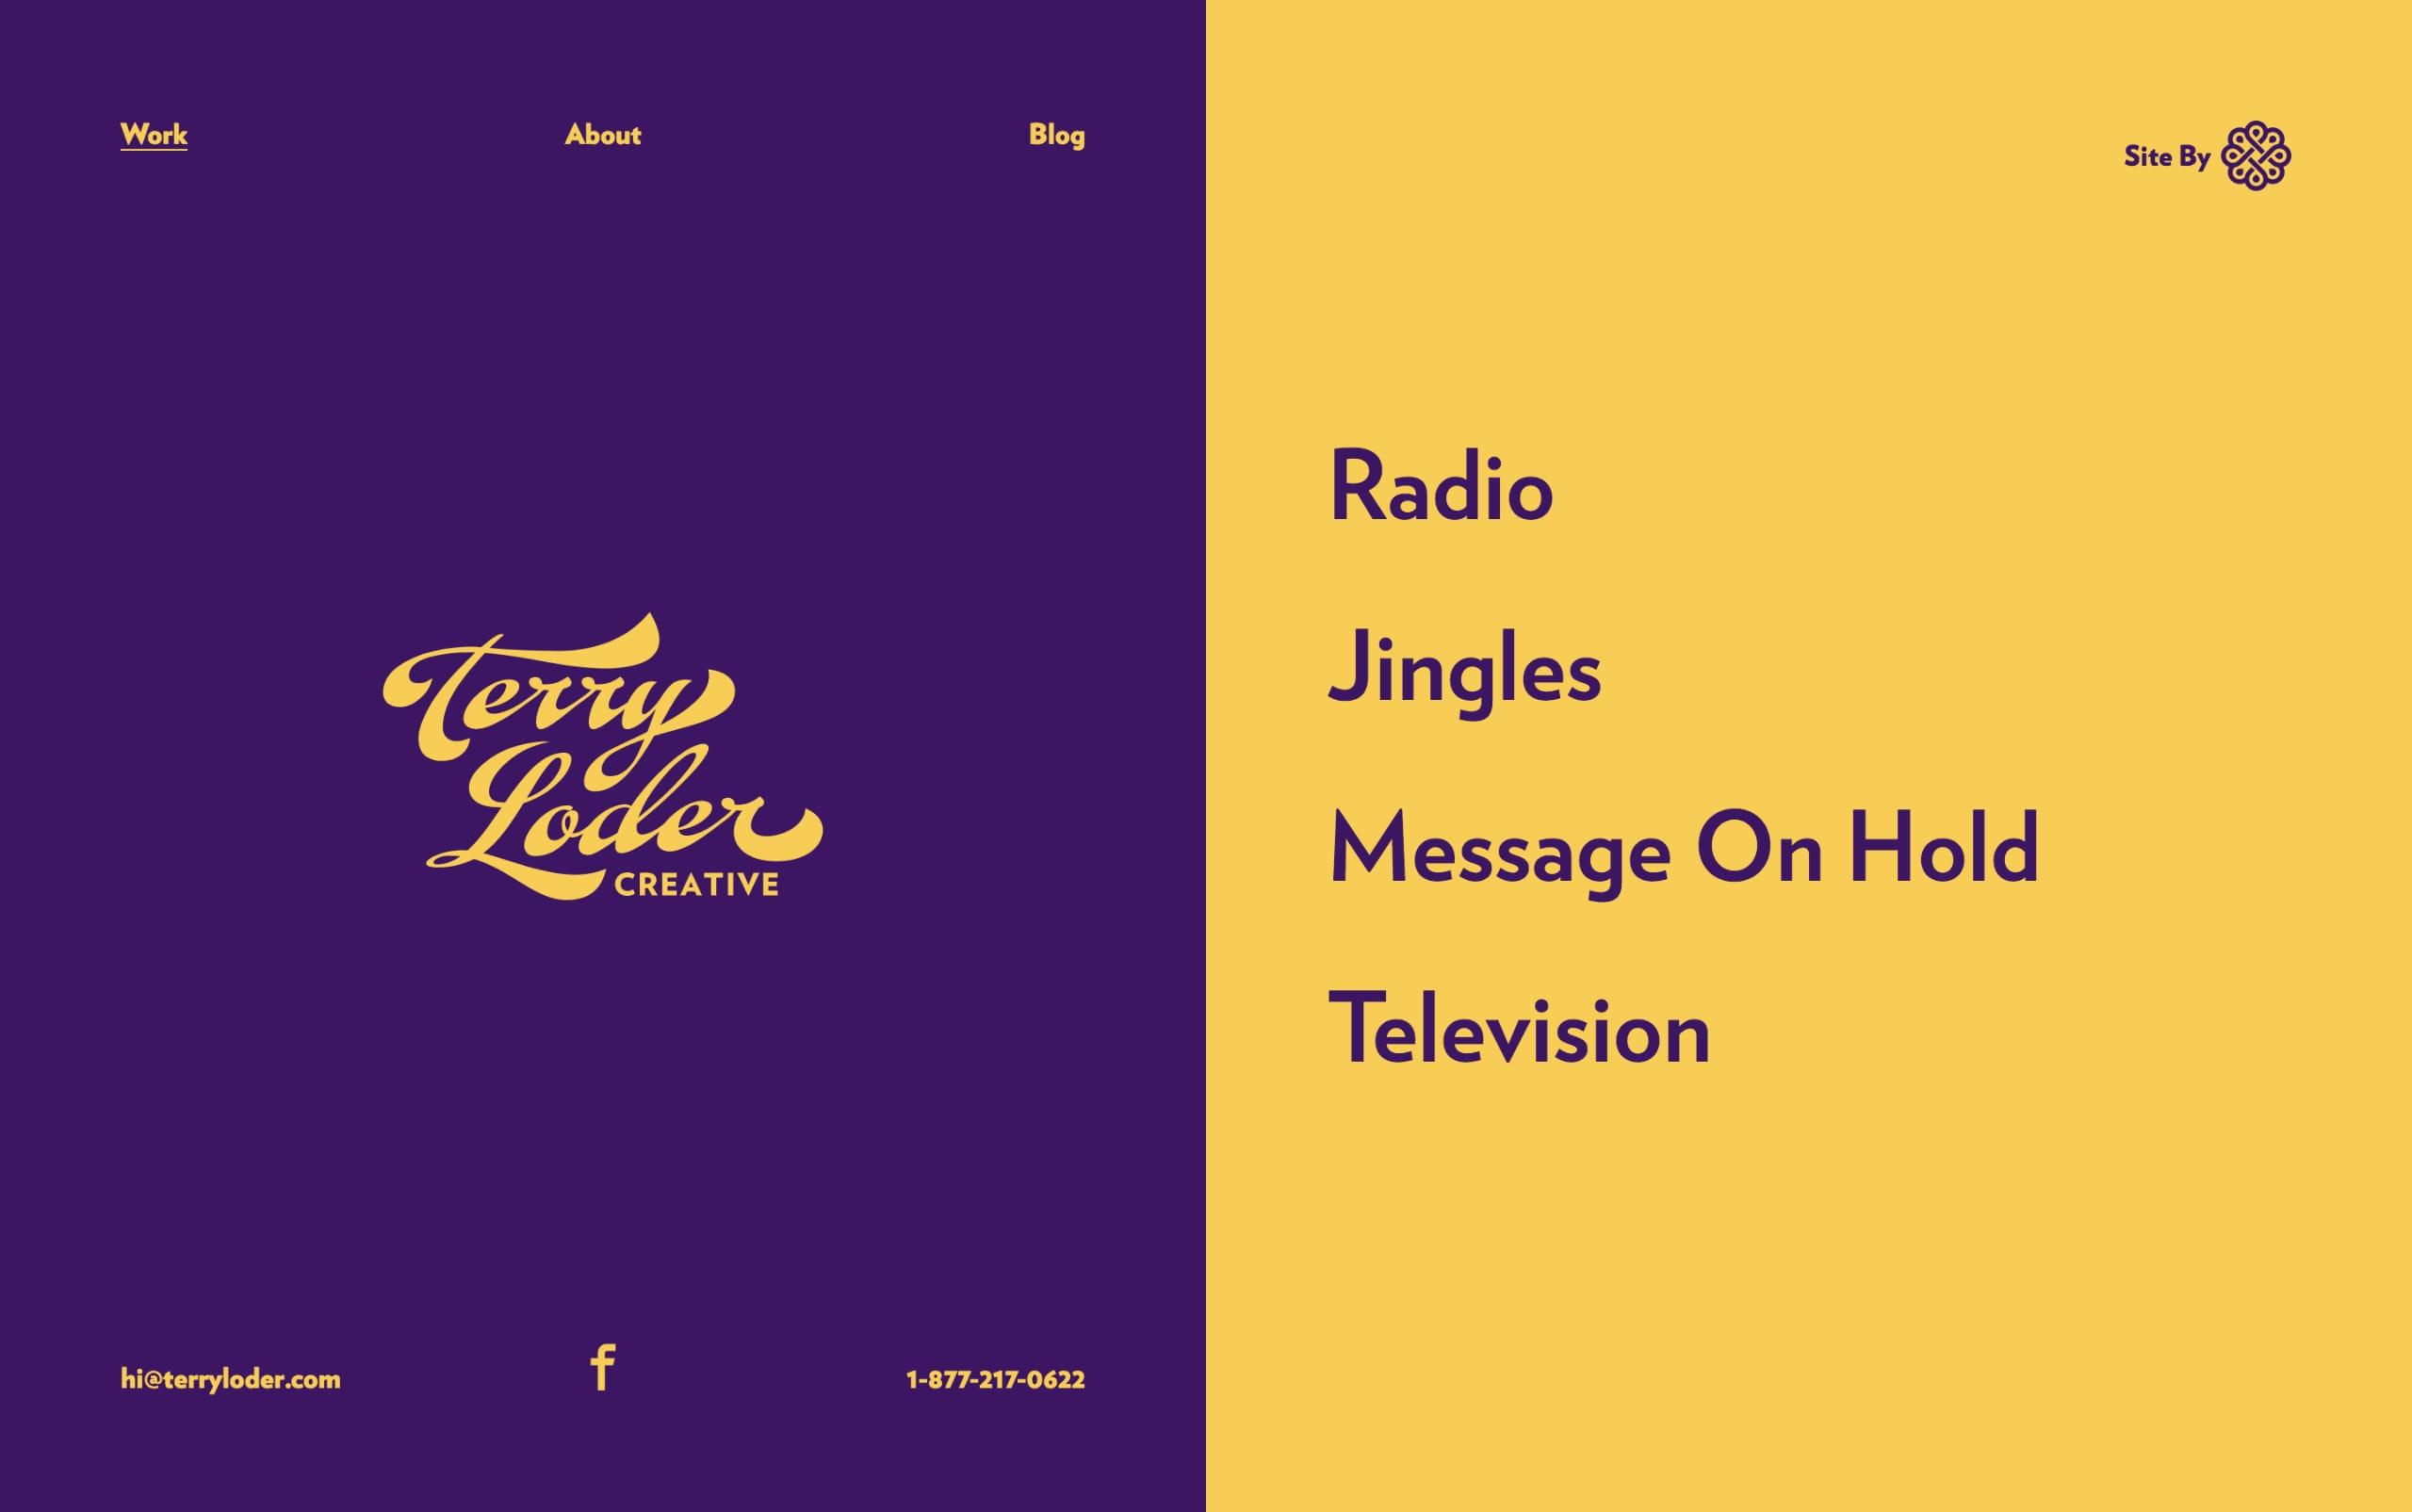 Terry Loder Creative Website Screenshot